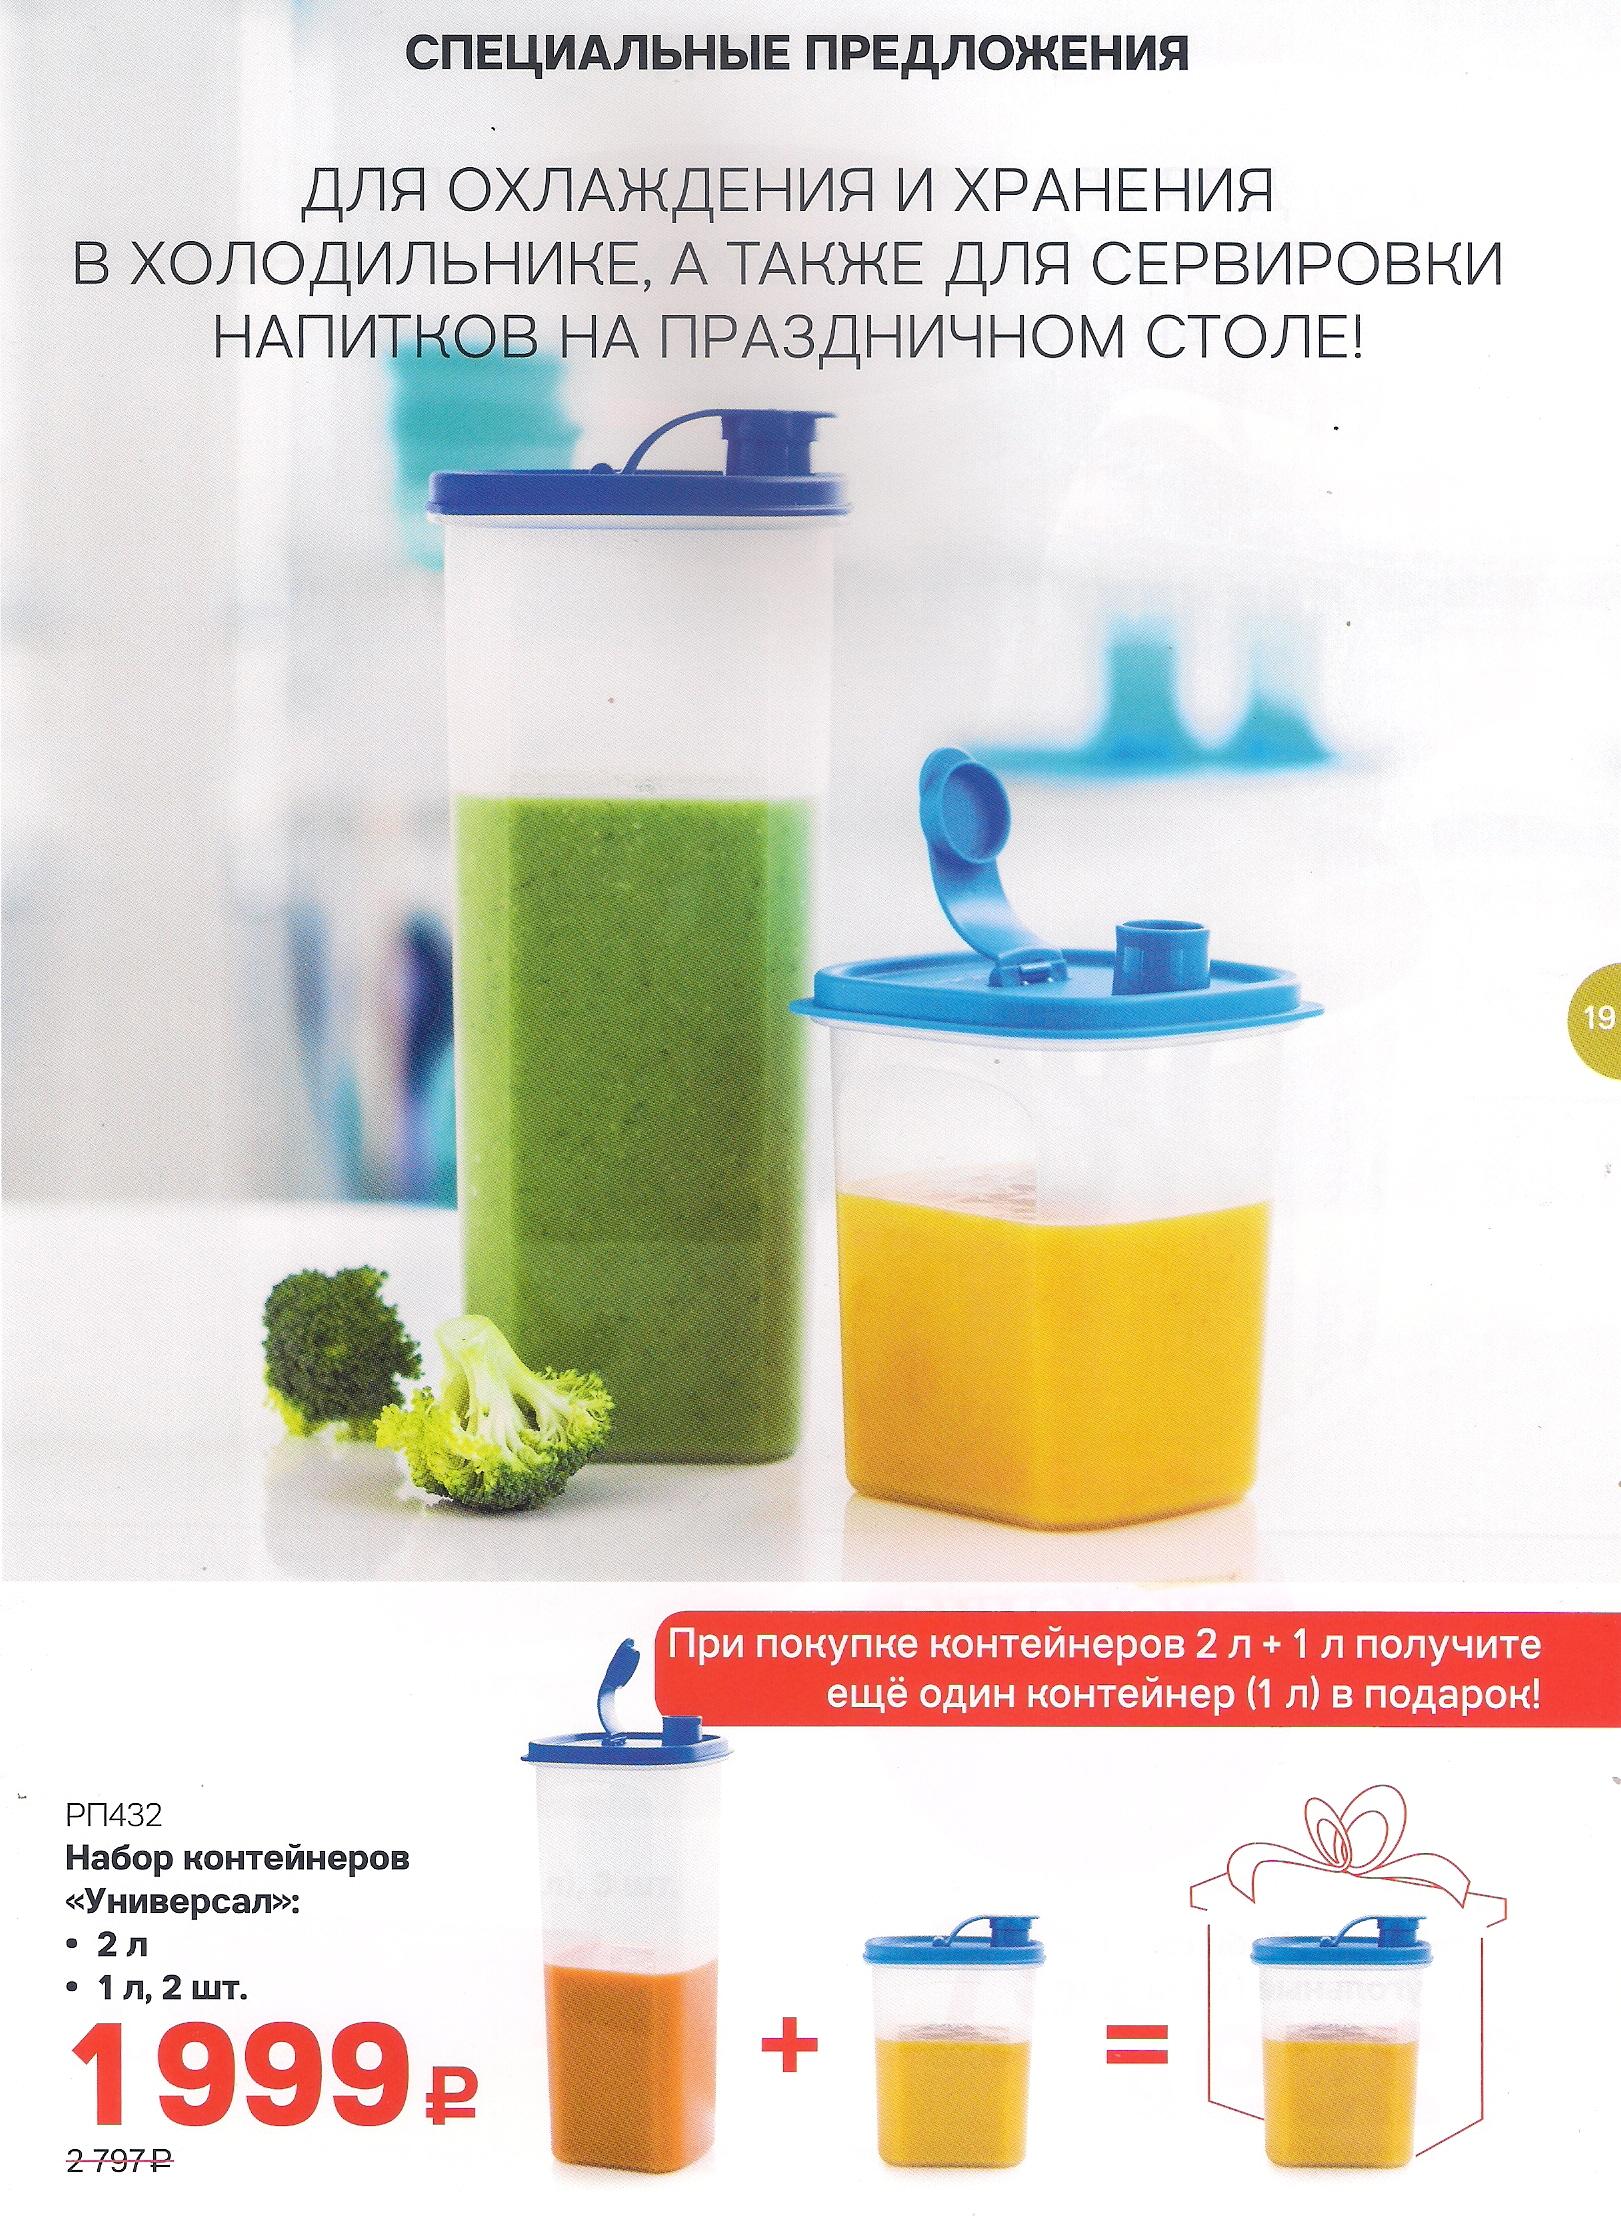 http://tupperware-online.ru/images/upload/17p.jpg